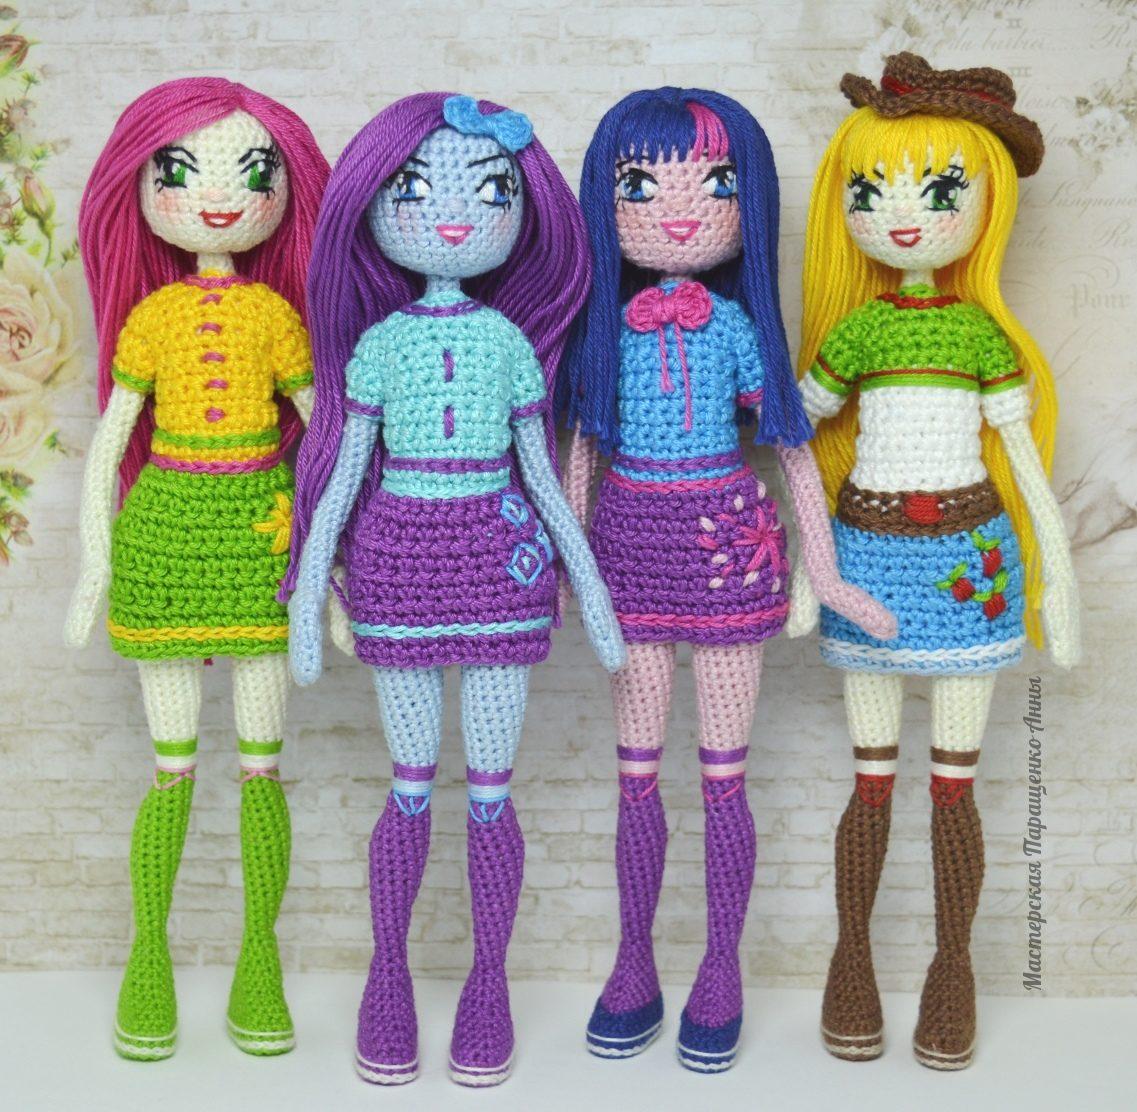 Картинка кукол которые вяжут